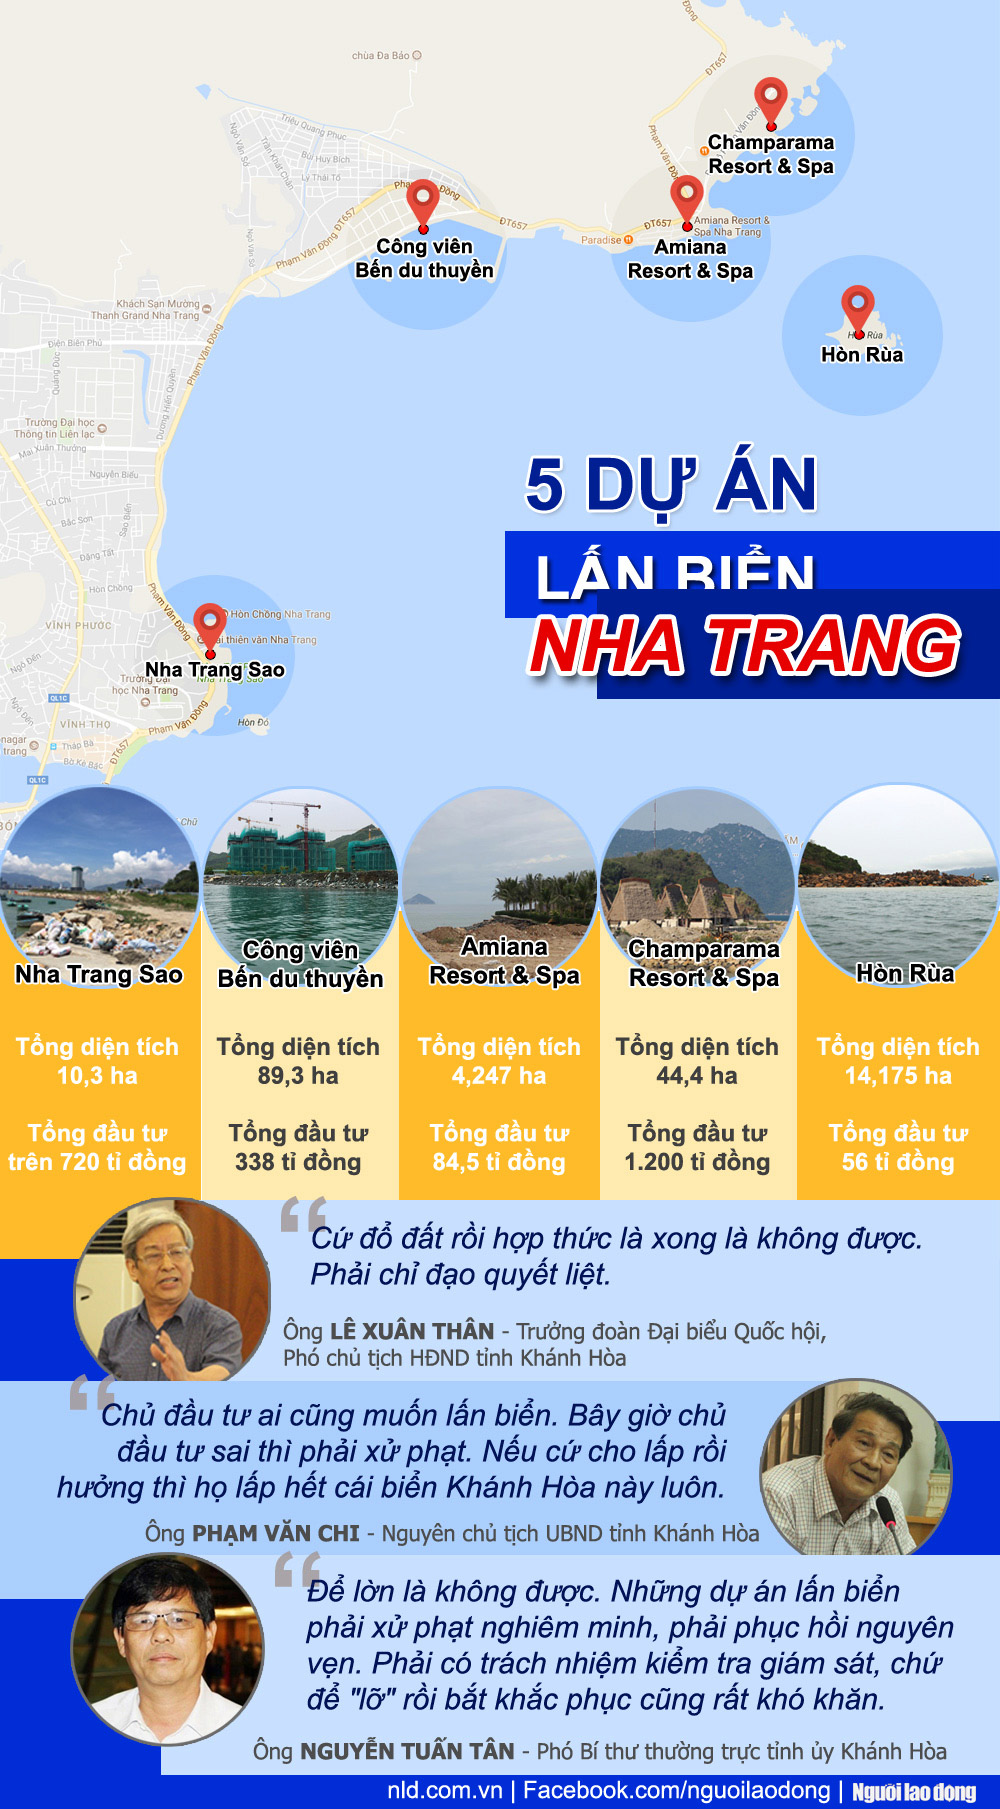 [Infographic] Toàn cảnh 5 dự án lấn vịnh Nha Trang - 1